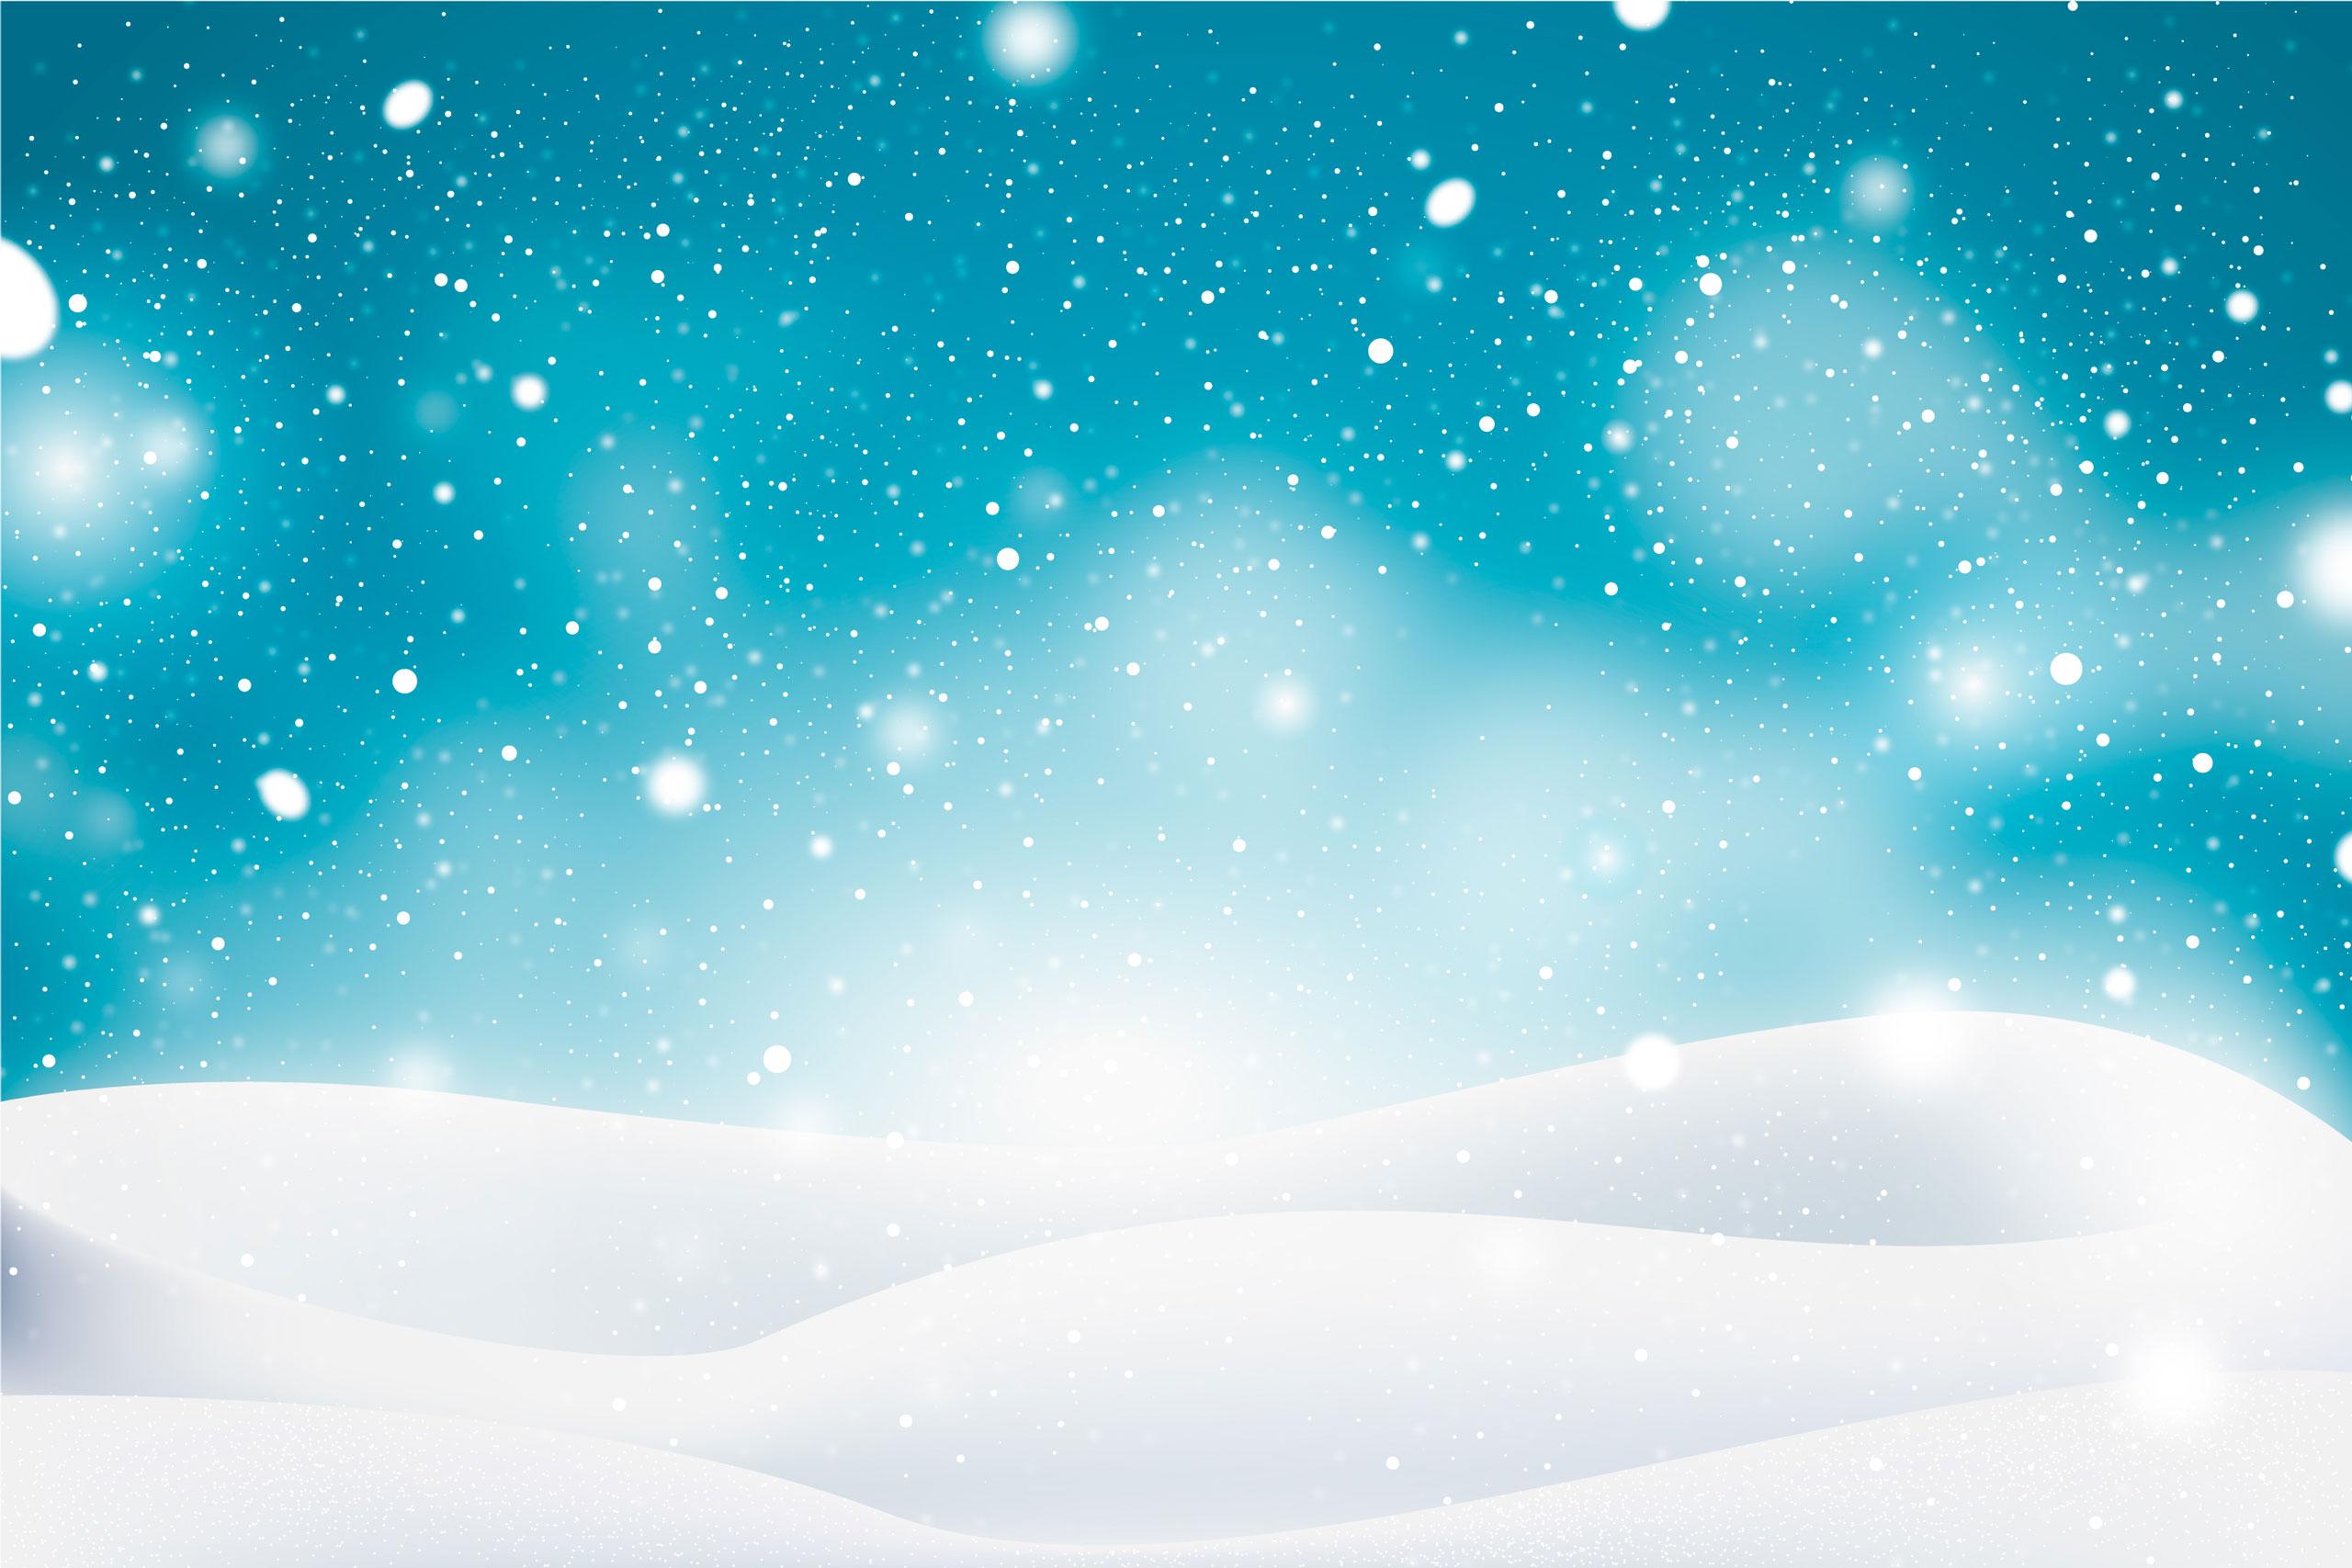 Зимний фон с сугробами и снежинками.